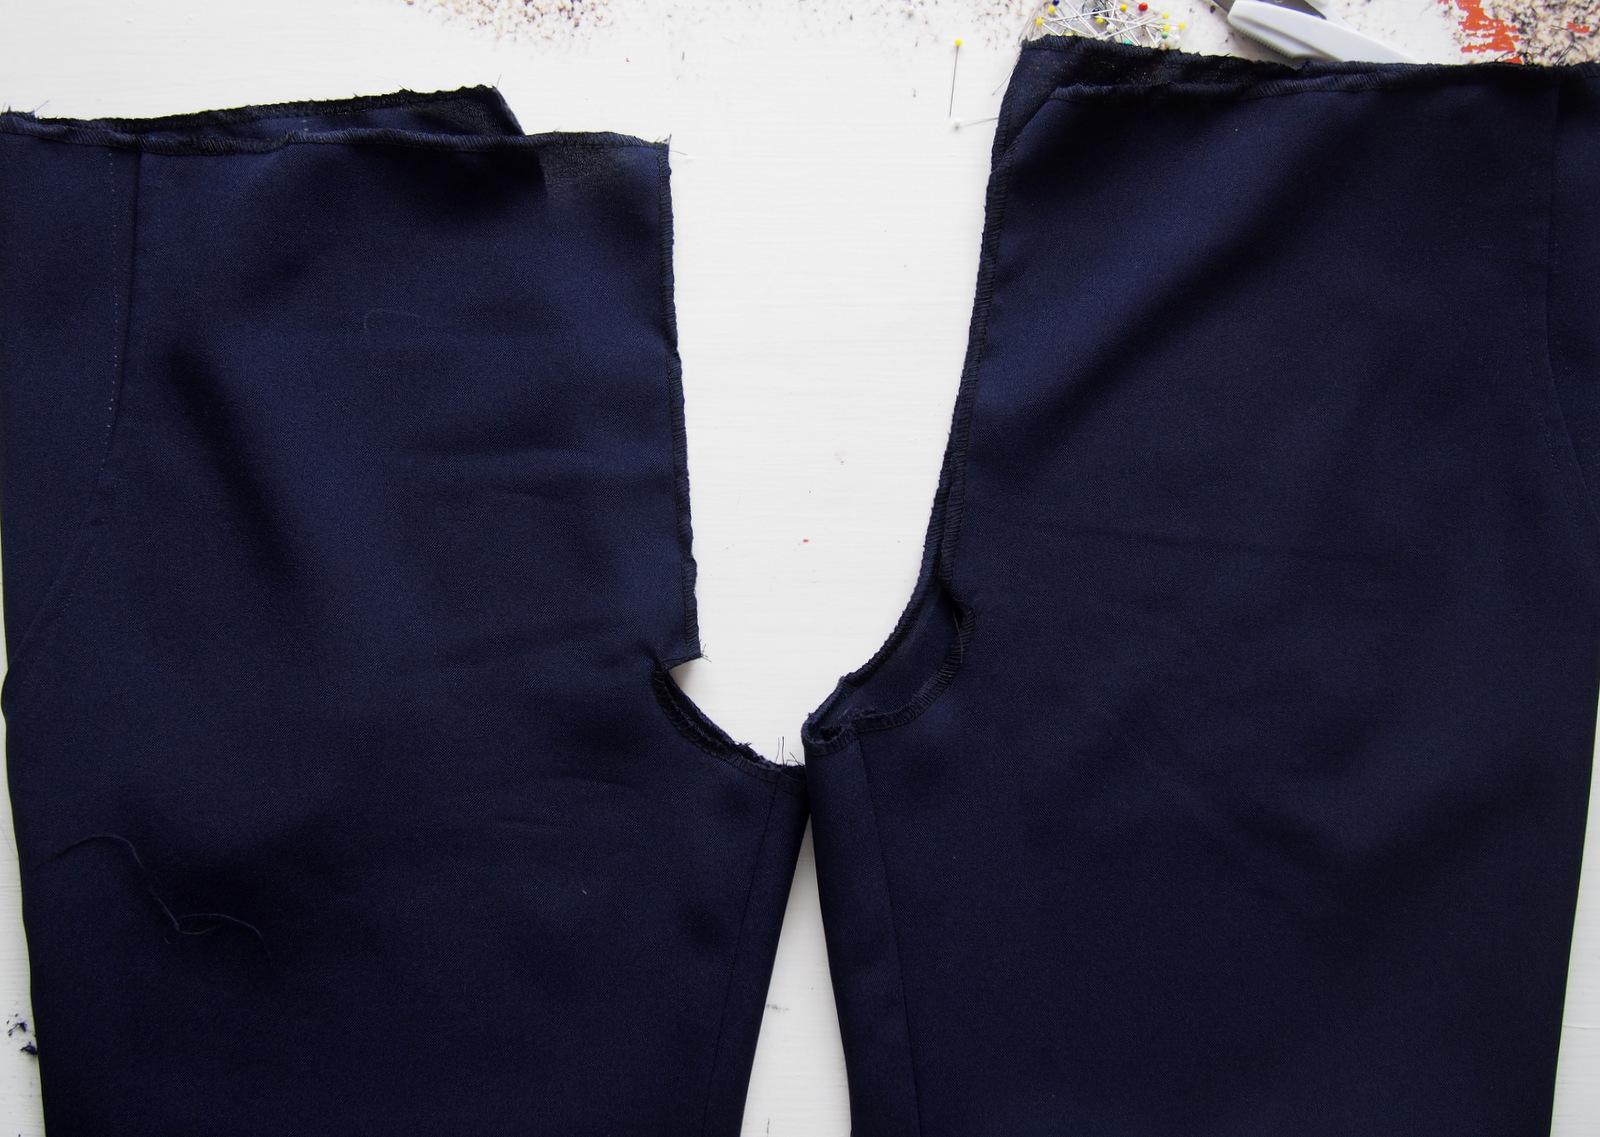 05d36614cf55 SIY  ako sme šili tmavomodré šortky    dark blue shorts - Blogerky.cz